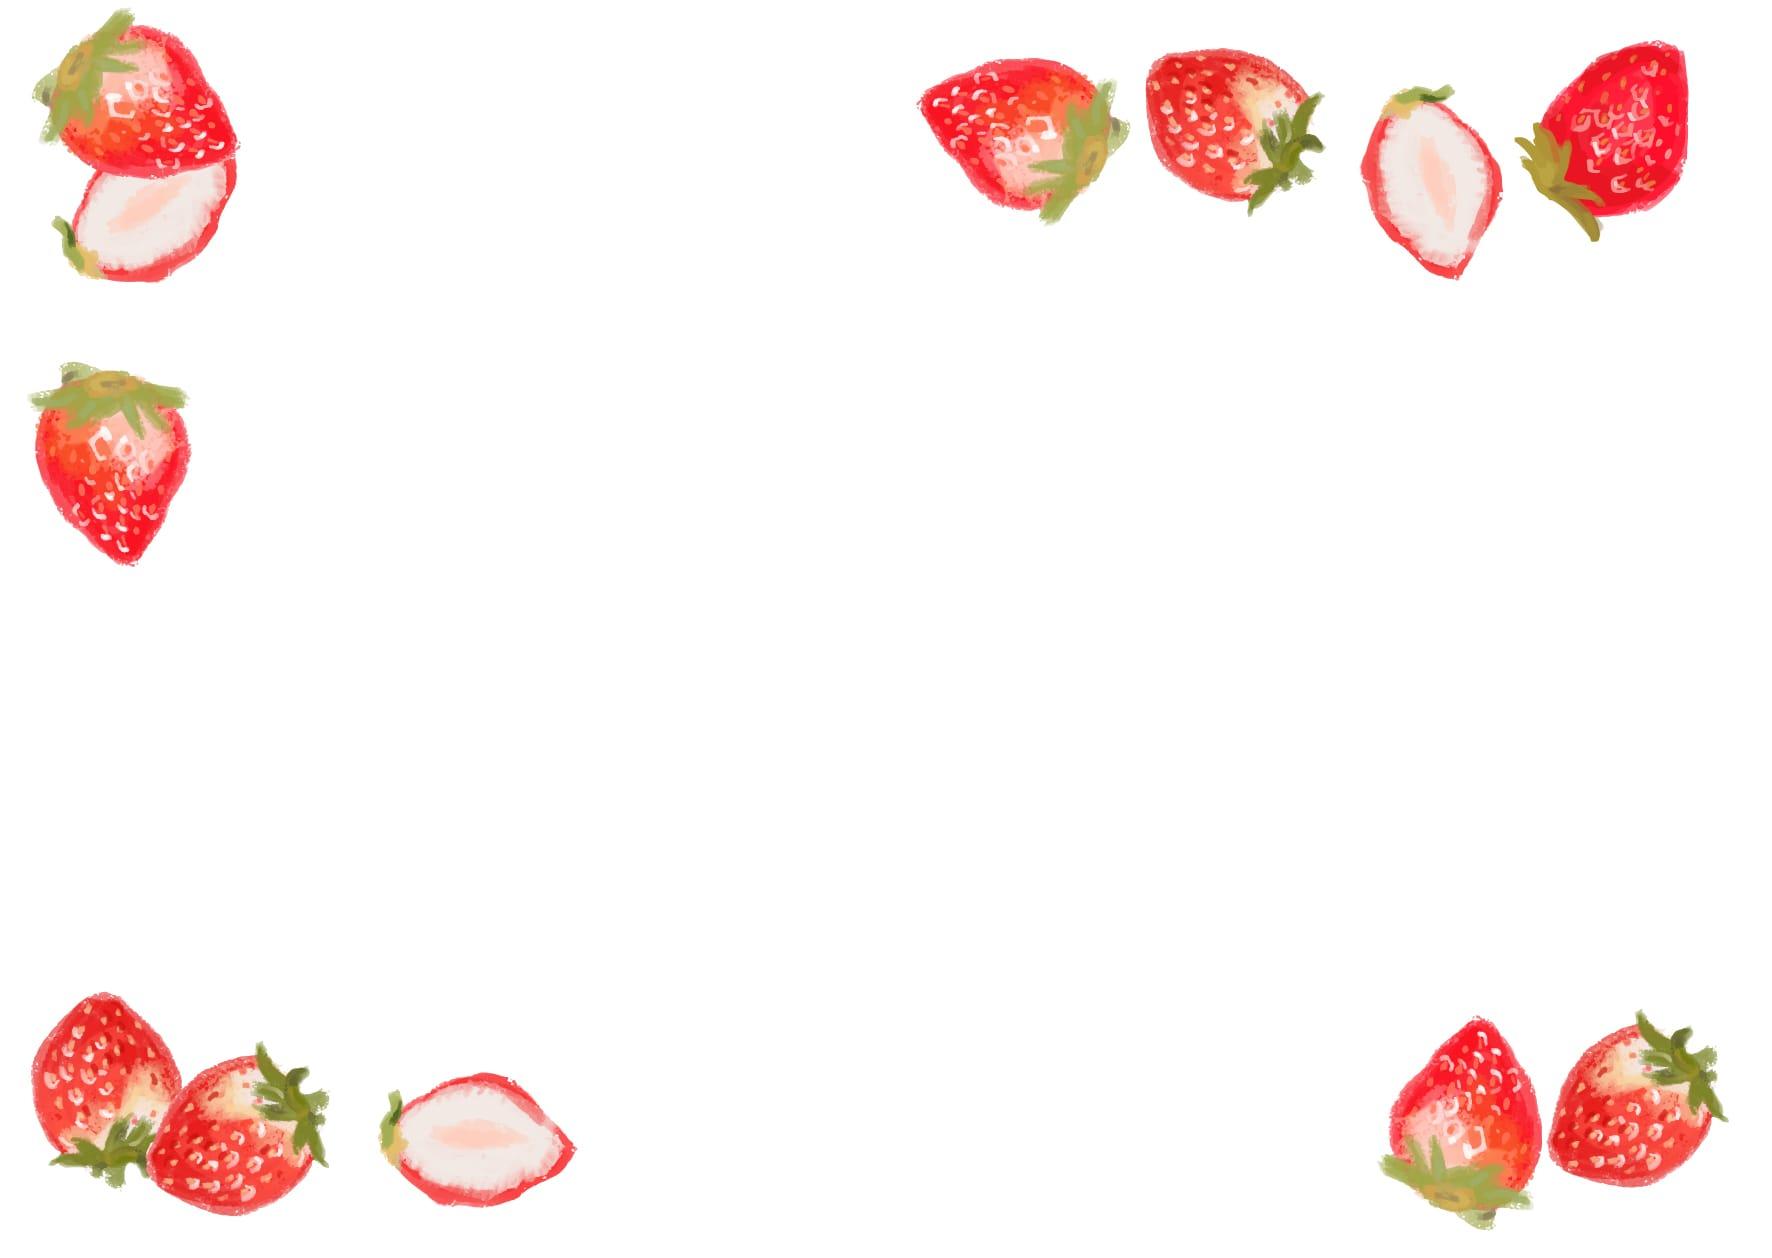 可愛いイラスト無料 手書き いちご 背景 公式 イラスト素材サイト イラストダウンロード